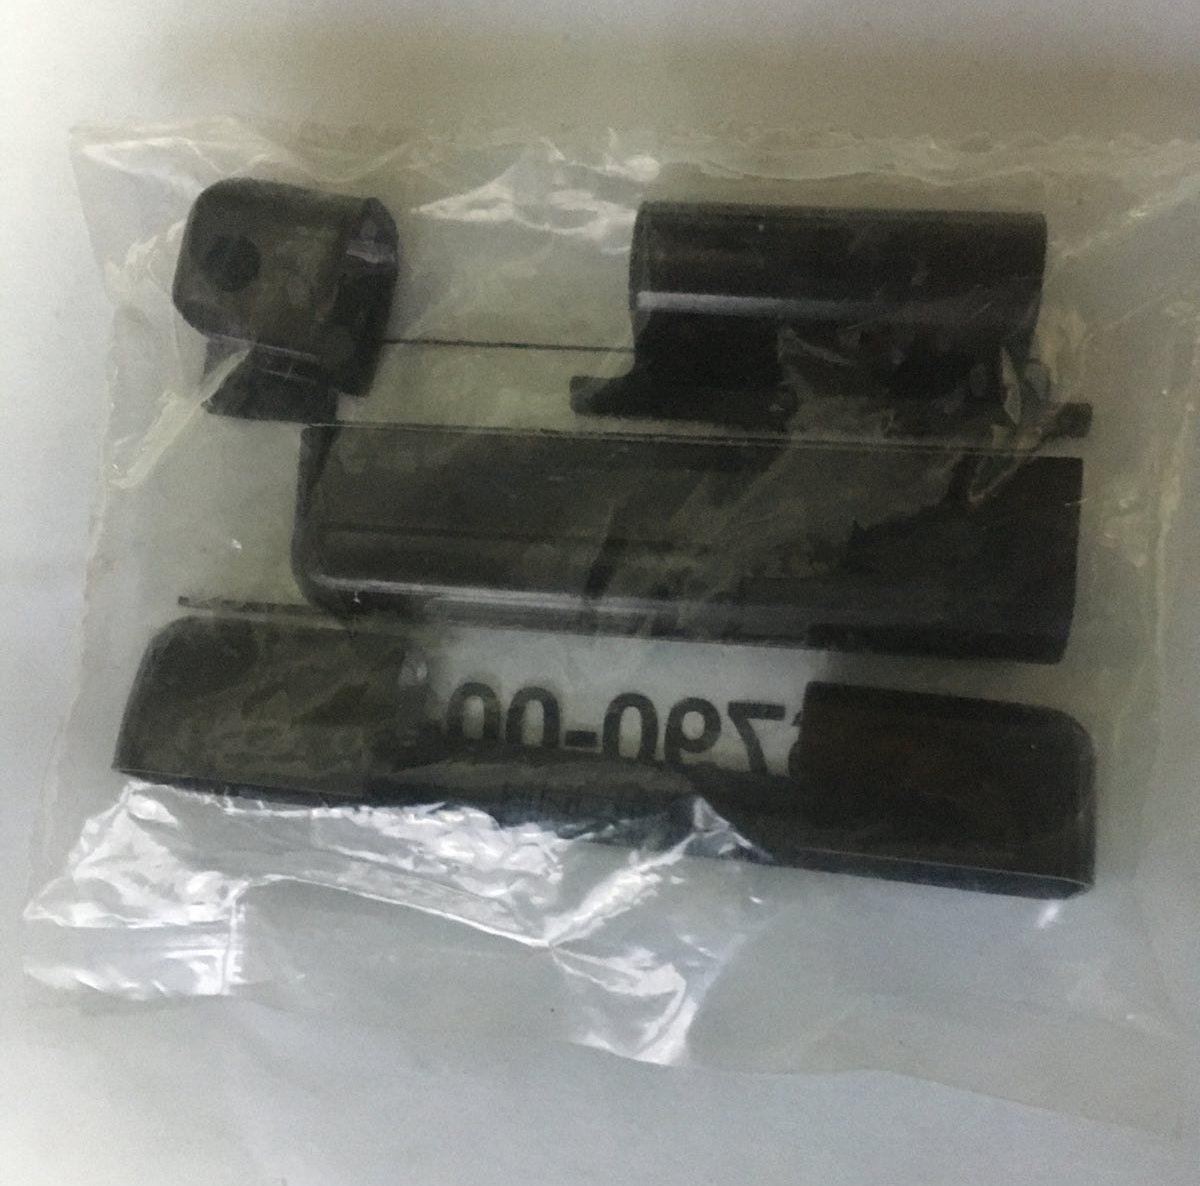 Накладки на оконные петли фурнитура G-U артикул K-16790-00-0-5 цвет коричневый